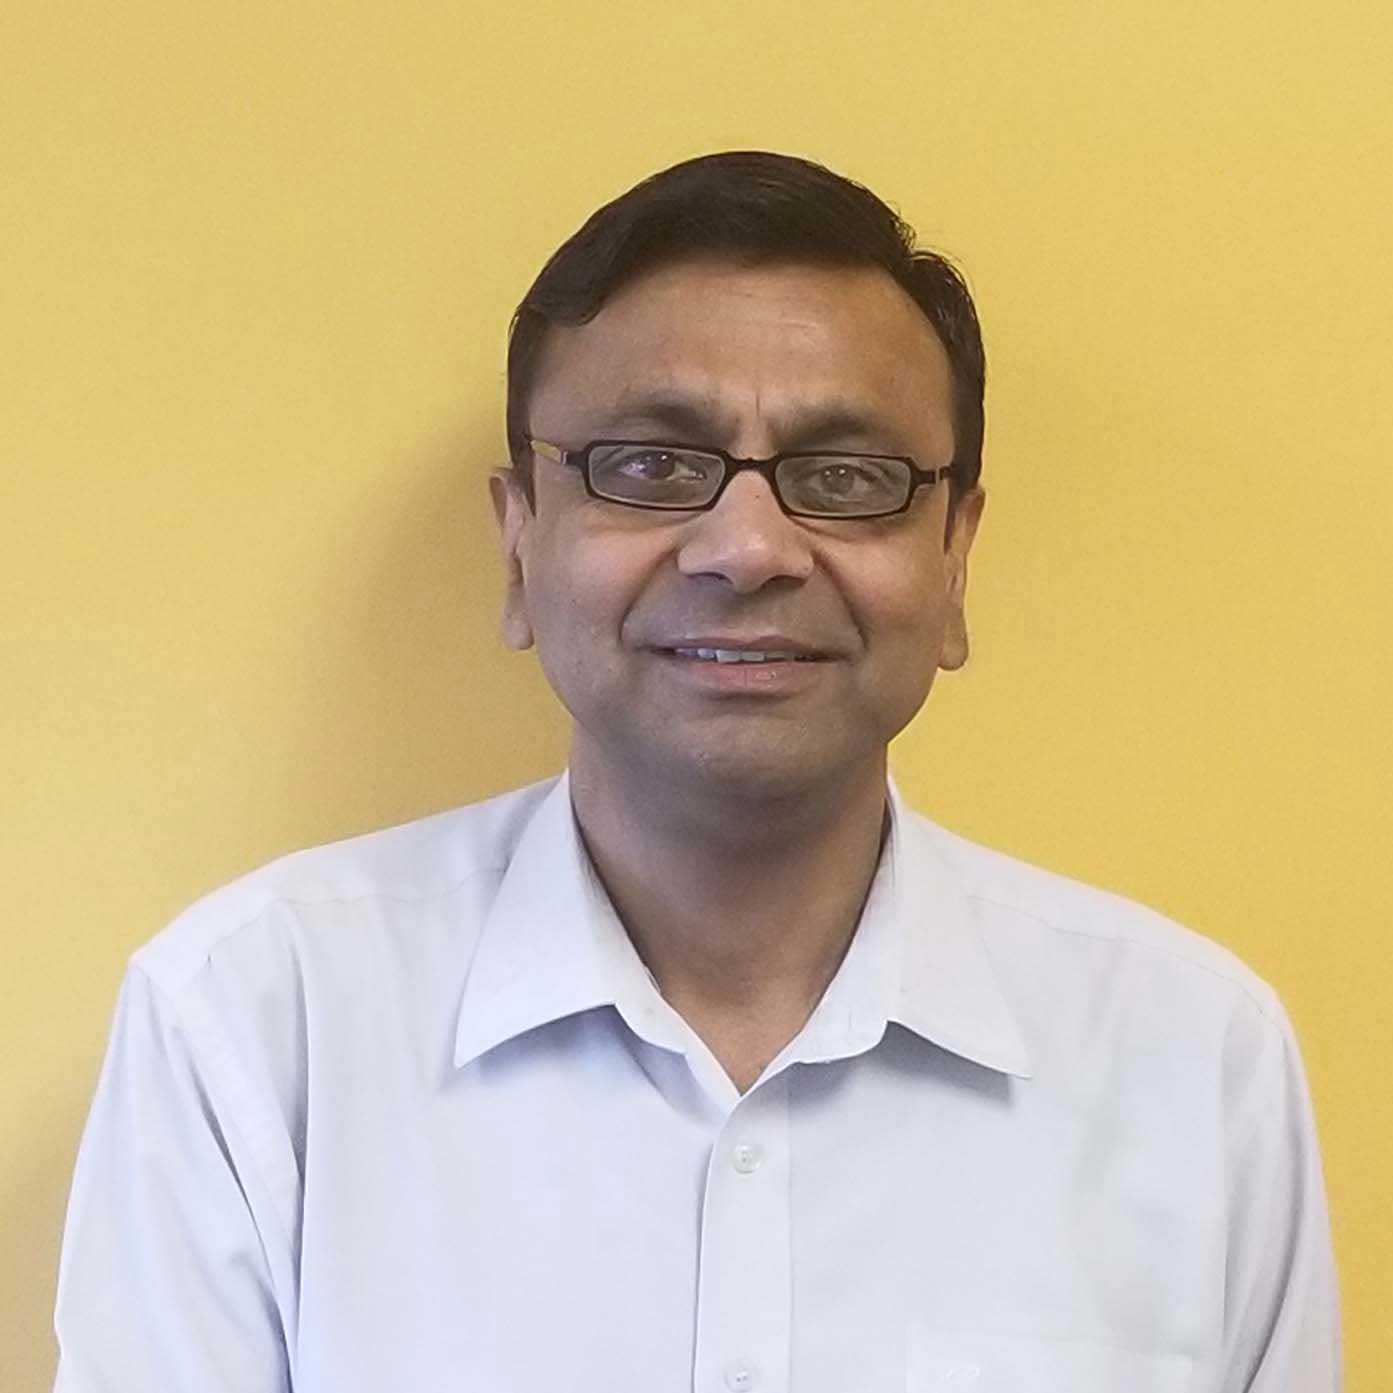 Gold Standard Group Wealth Management Senior Financial Advisor Yogender Jain - Yogi